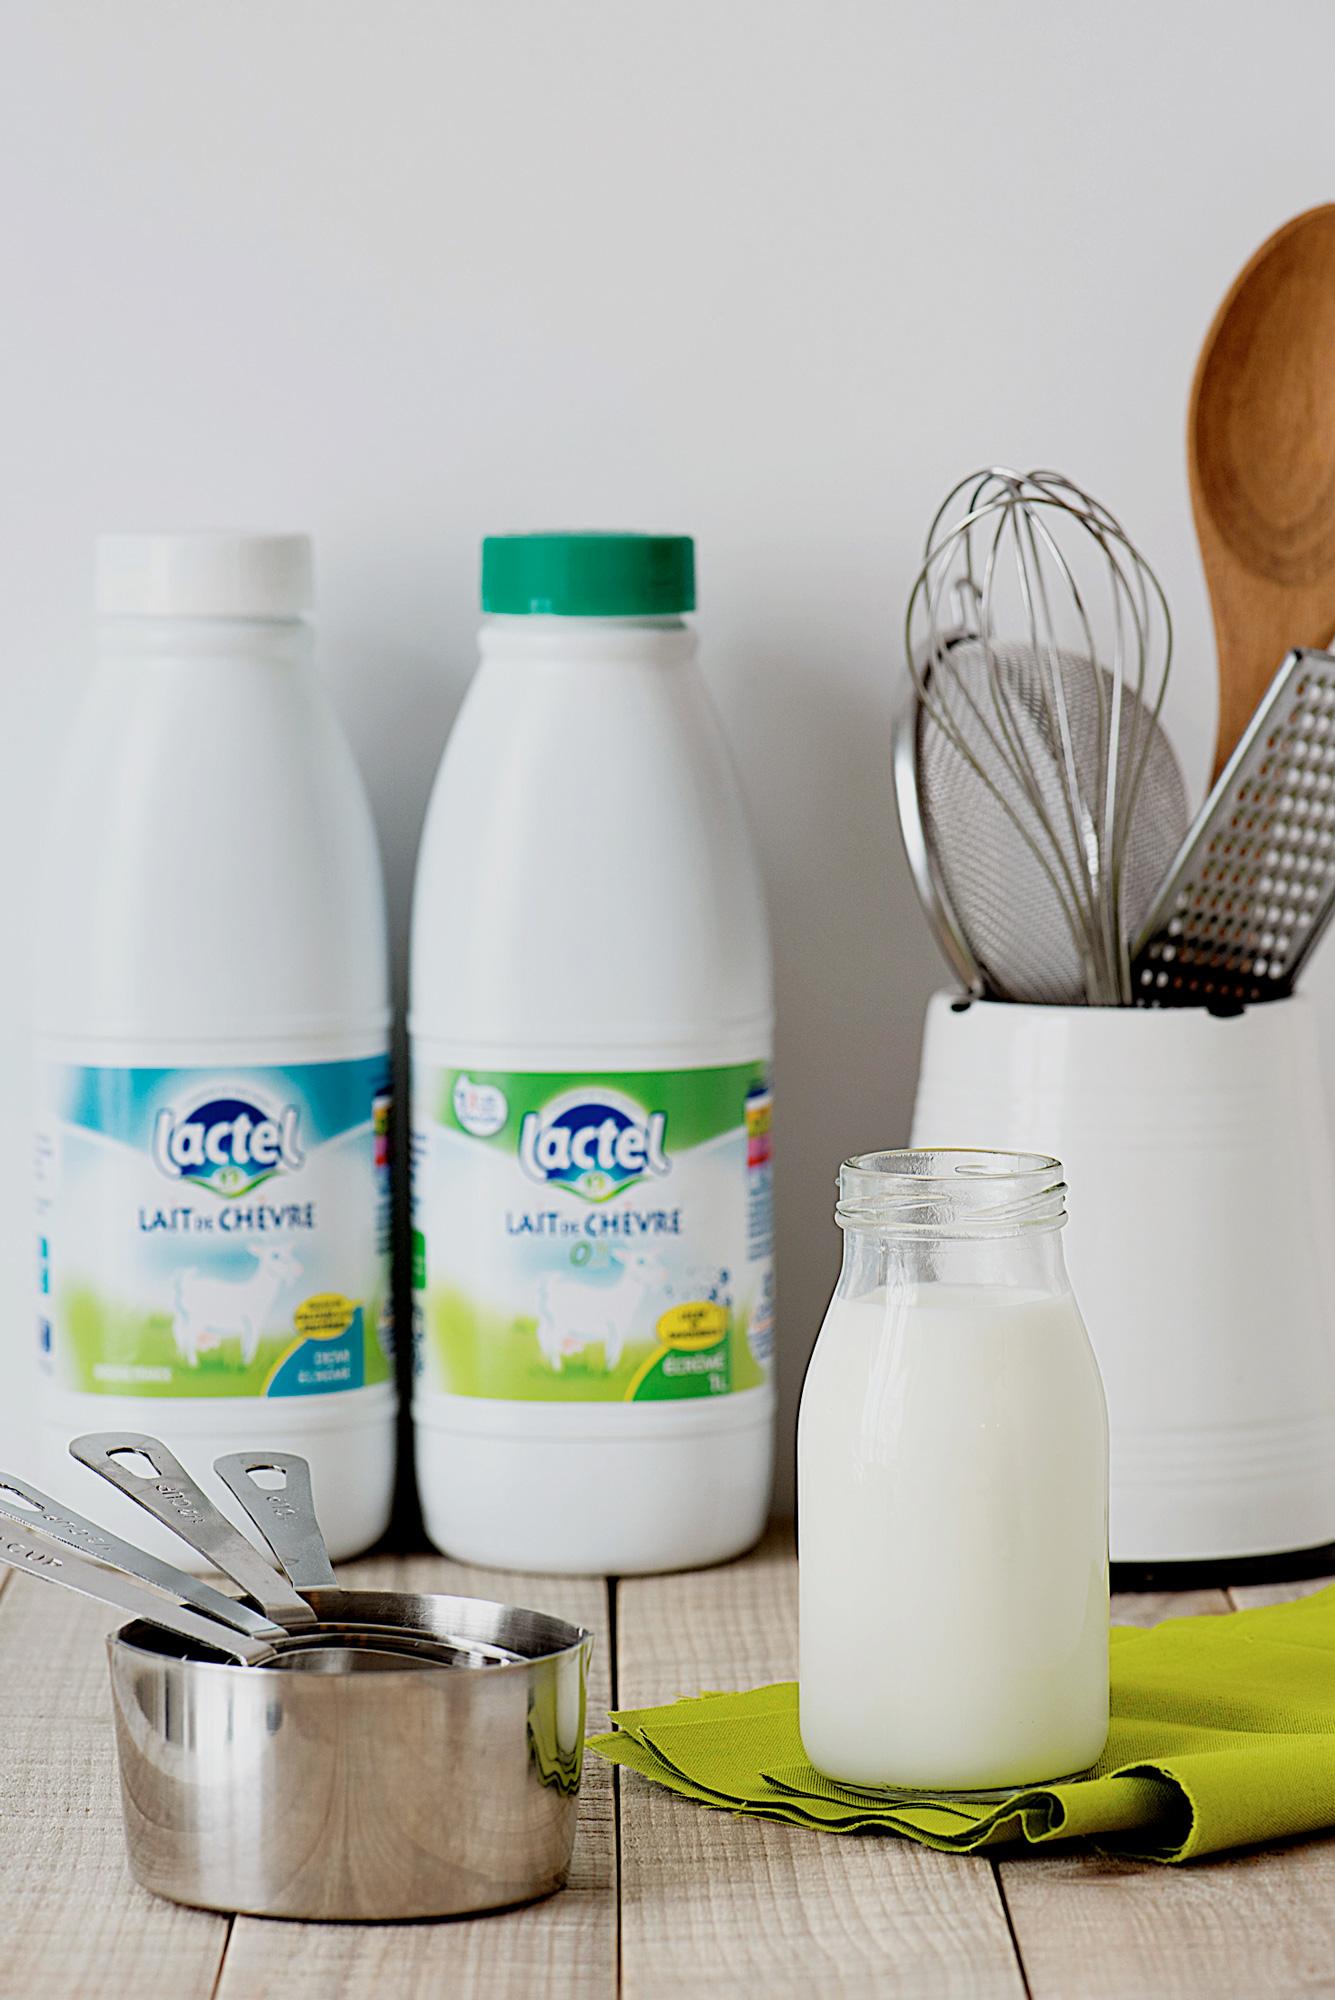 ©Pixellie---LACTEL carnet de 10 recettes au lait de chèvre